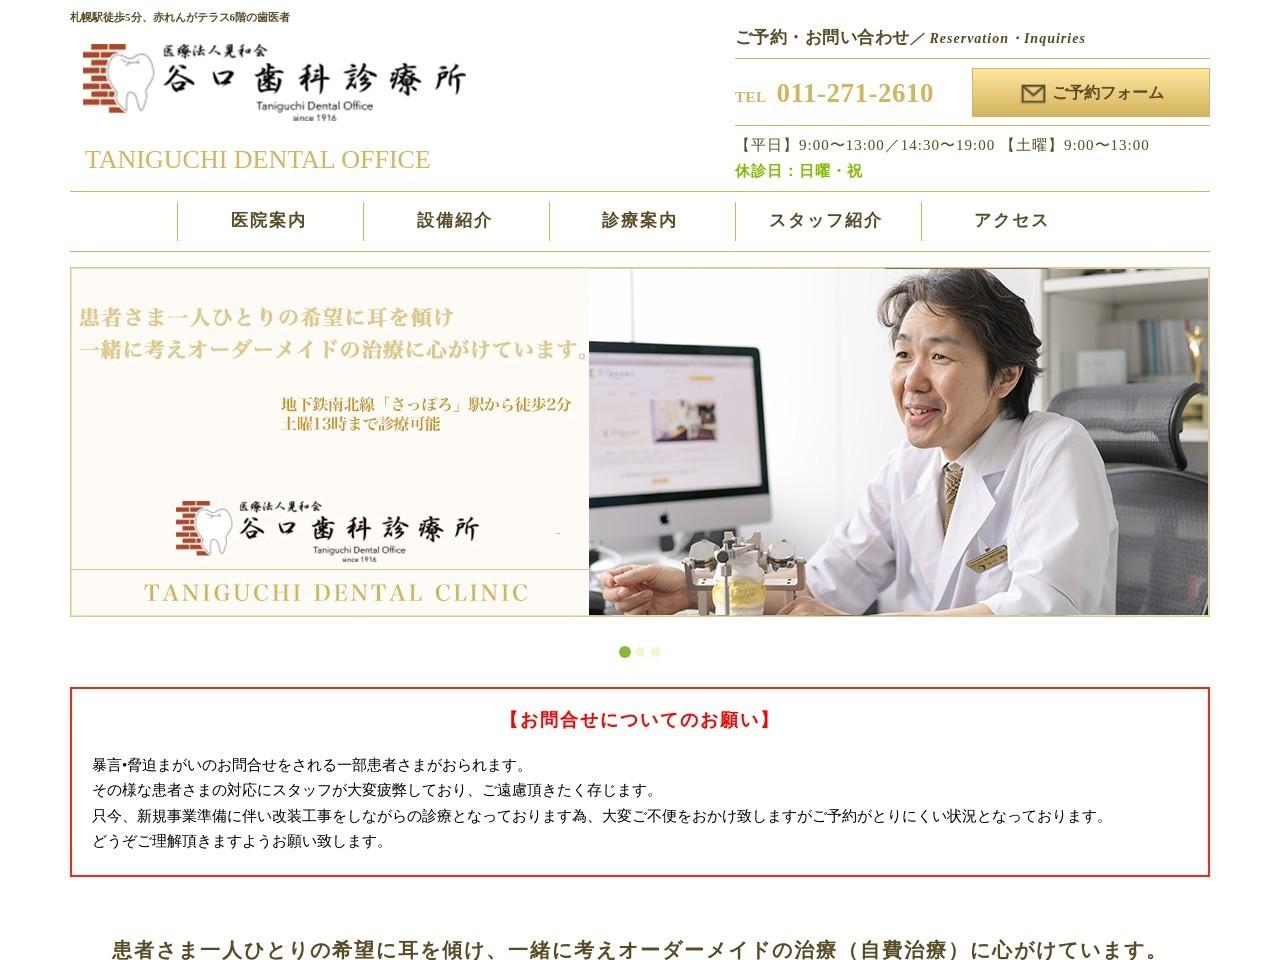 医療法人晃和会  谷口歯科診療所 (北海道札幌市中央区)